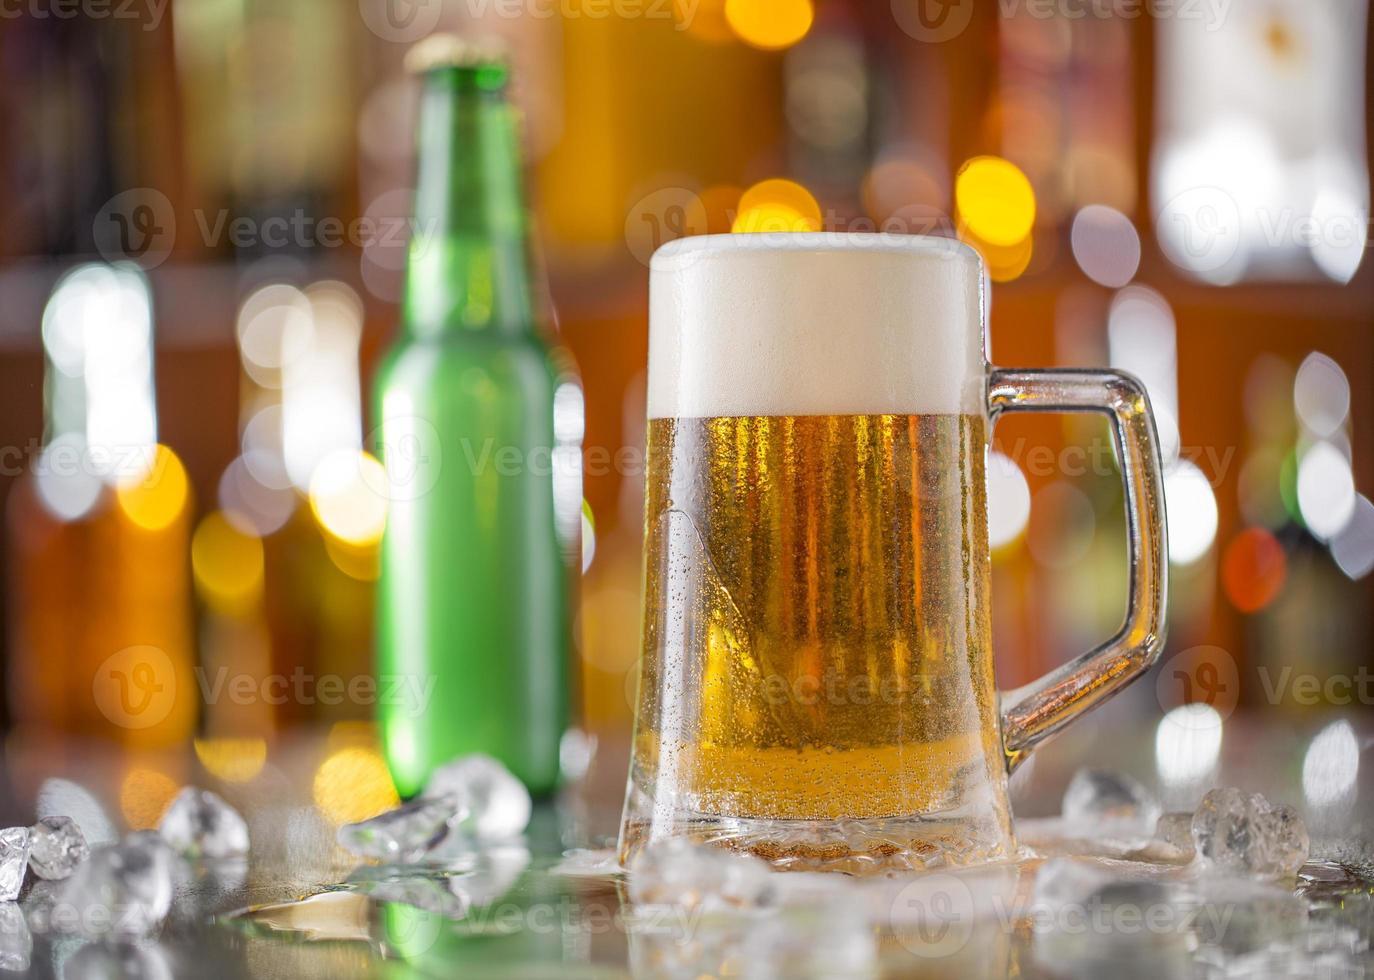 en flaska öl med glas på baren foto